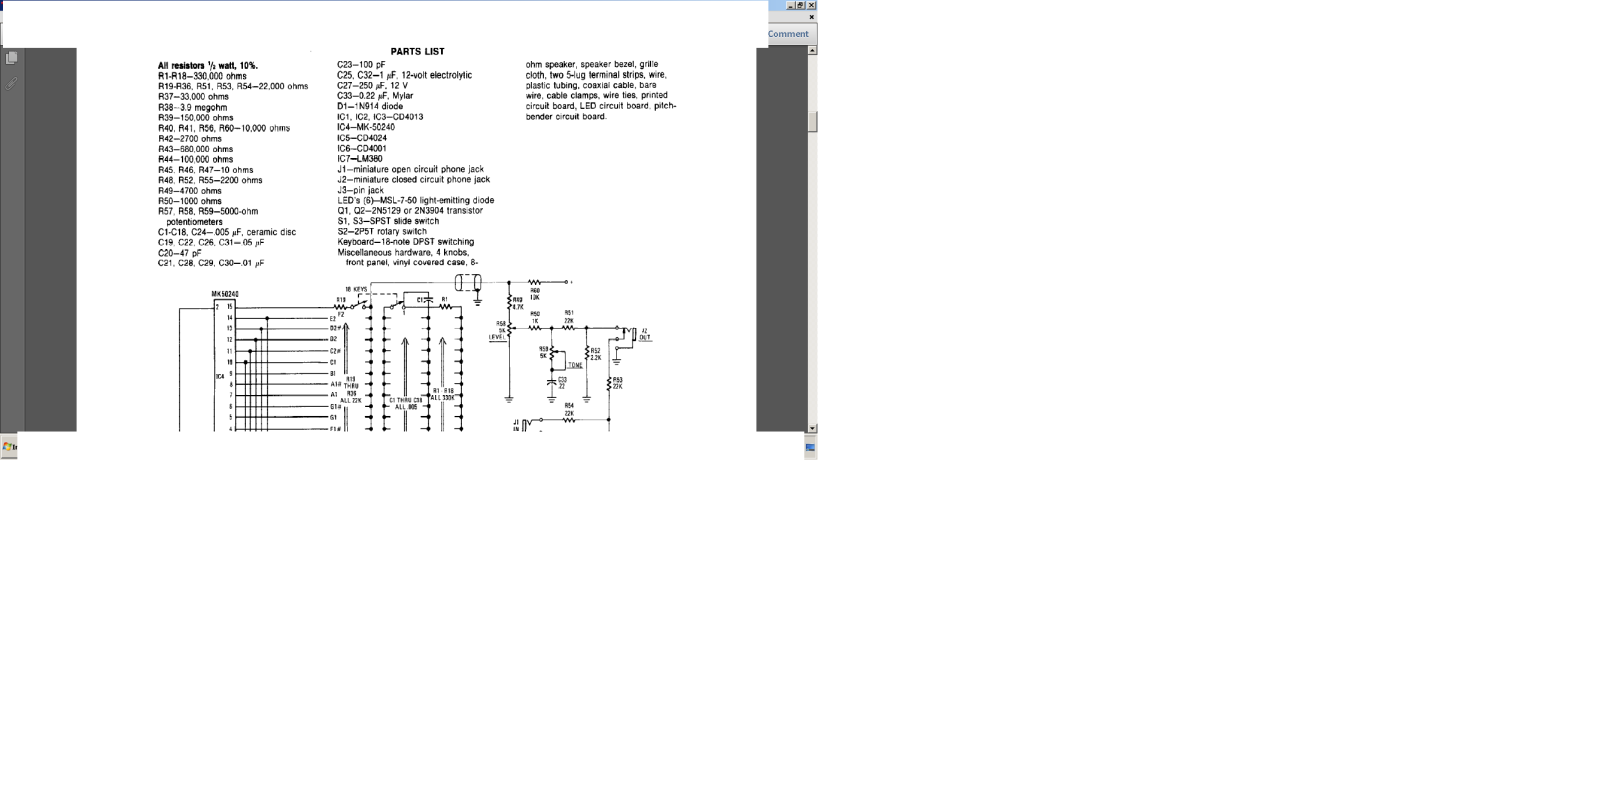 órgao eletronico com M208B1 2m28k7s